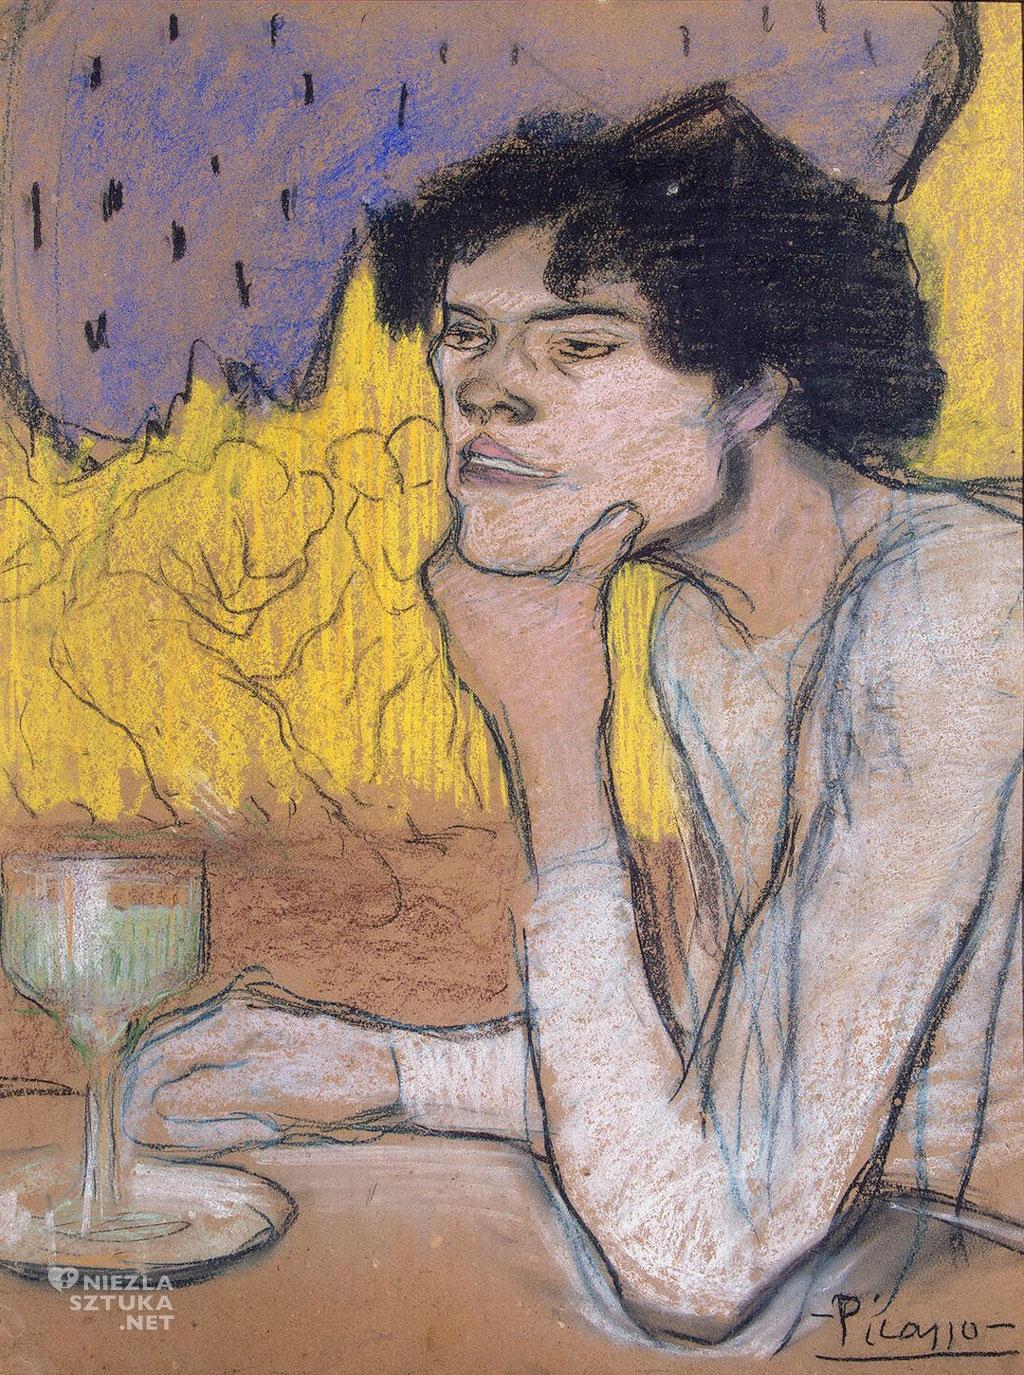 Pablo Picasso Pijący absynt | 1901, Ermitaż, Sankt Petersburg, Rosja, fot.: wikipedia.org